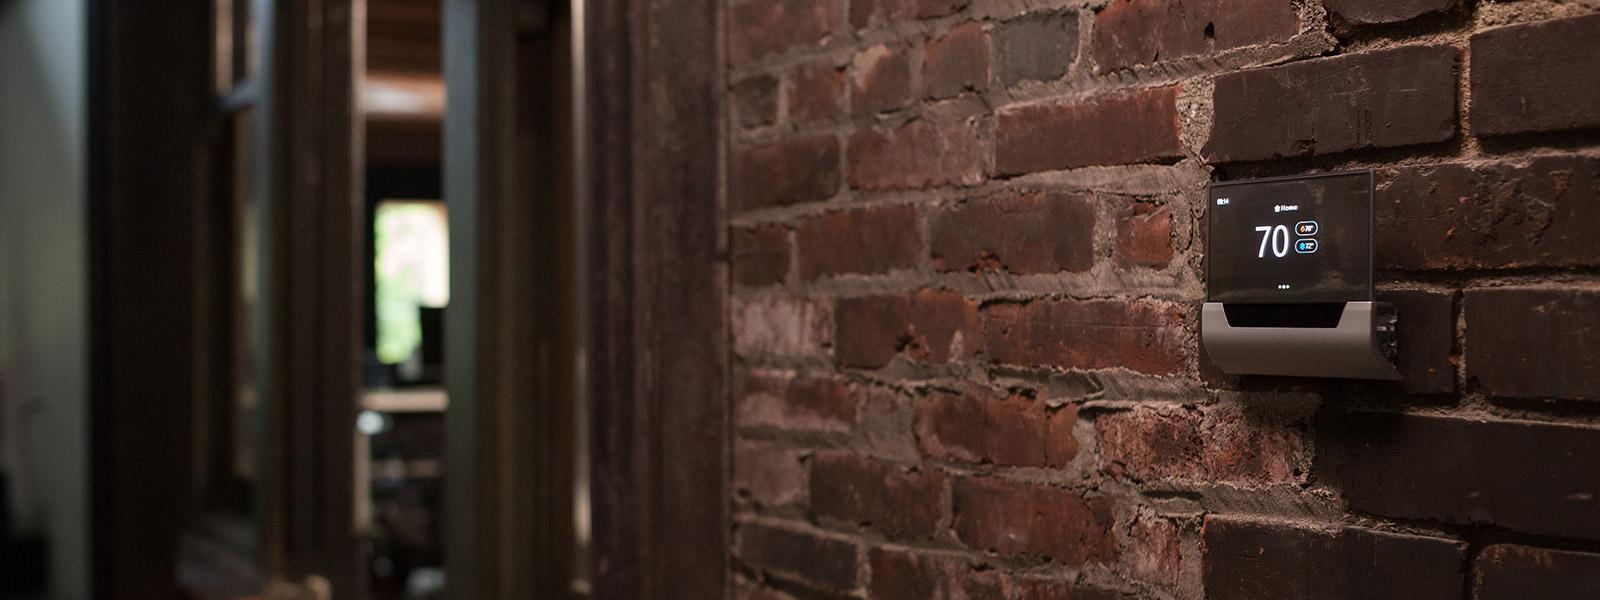 レンガの壁に取り付けられた温度調整パネル